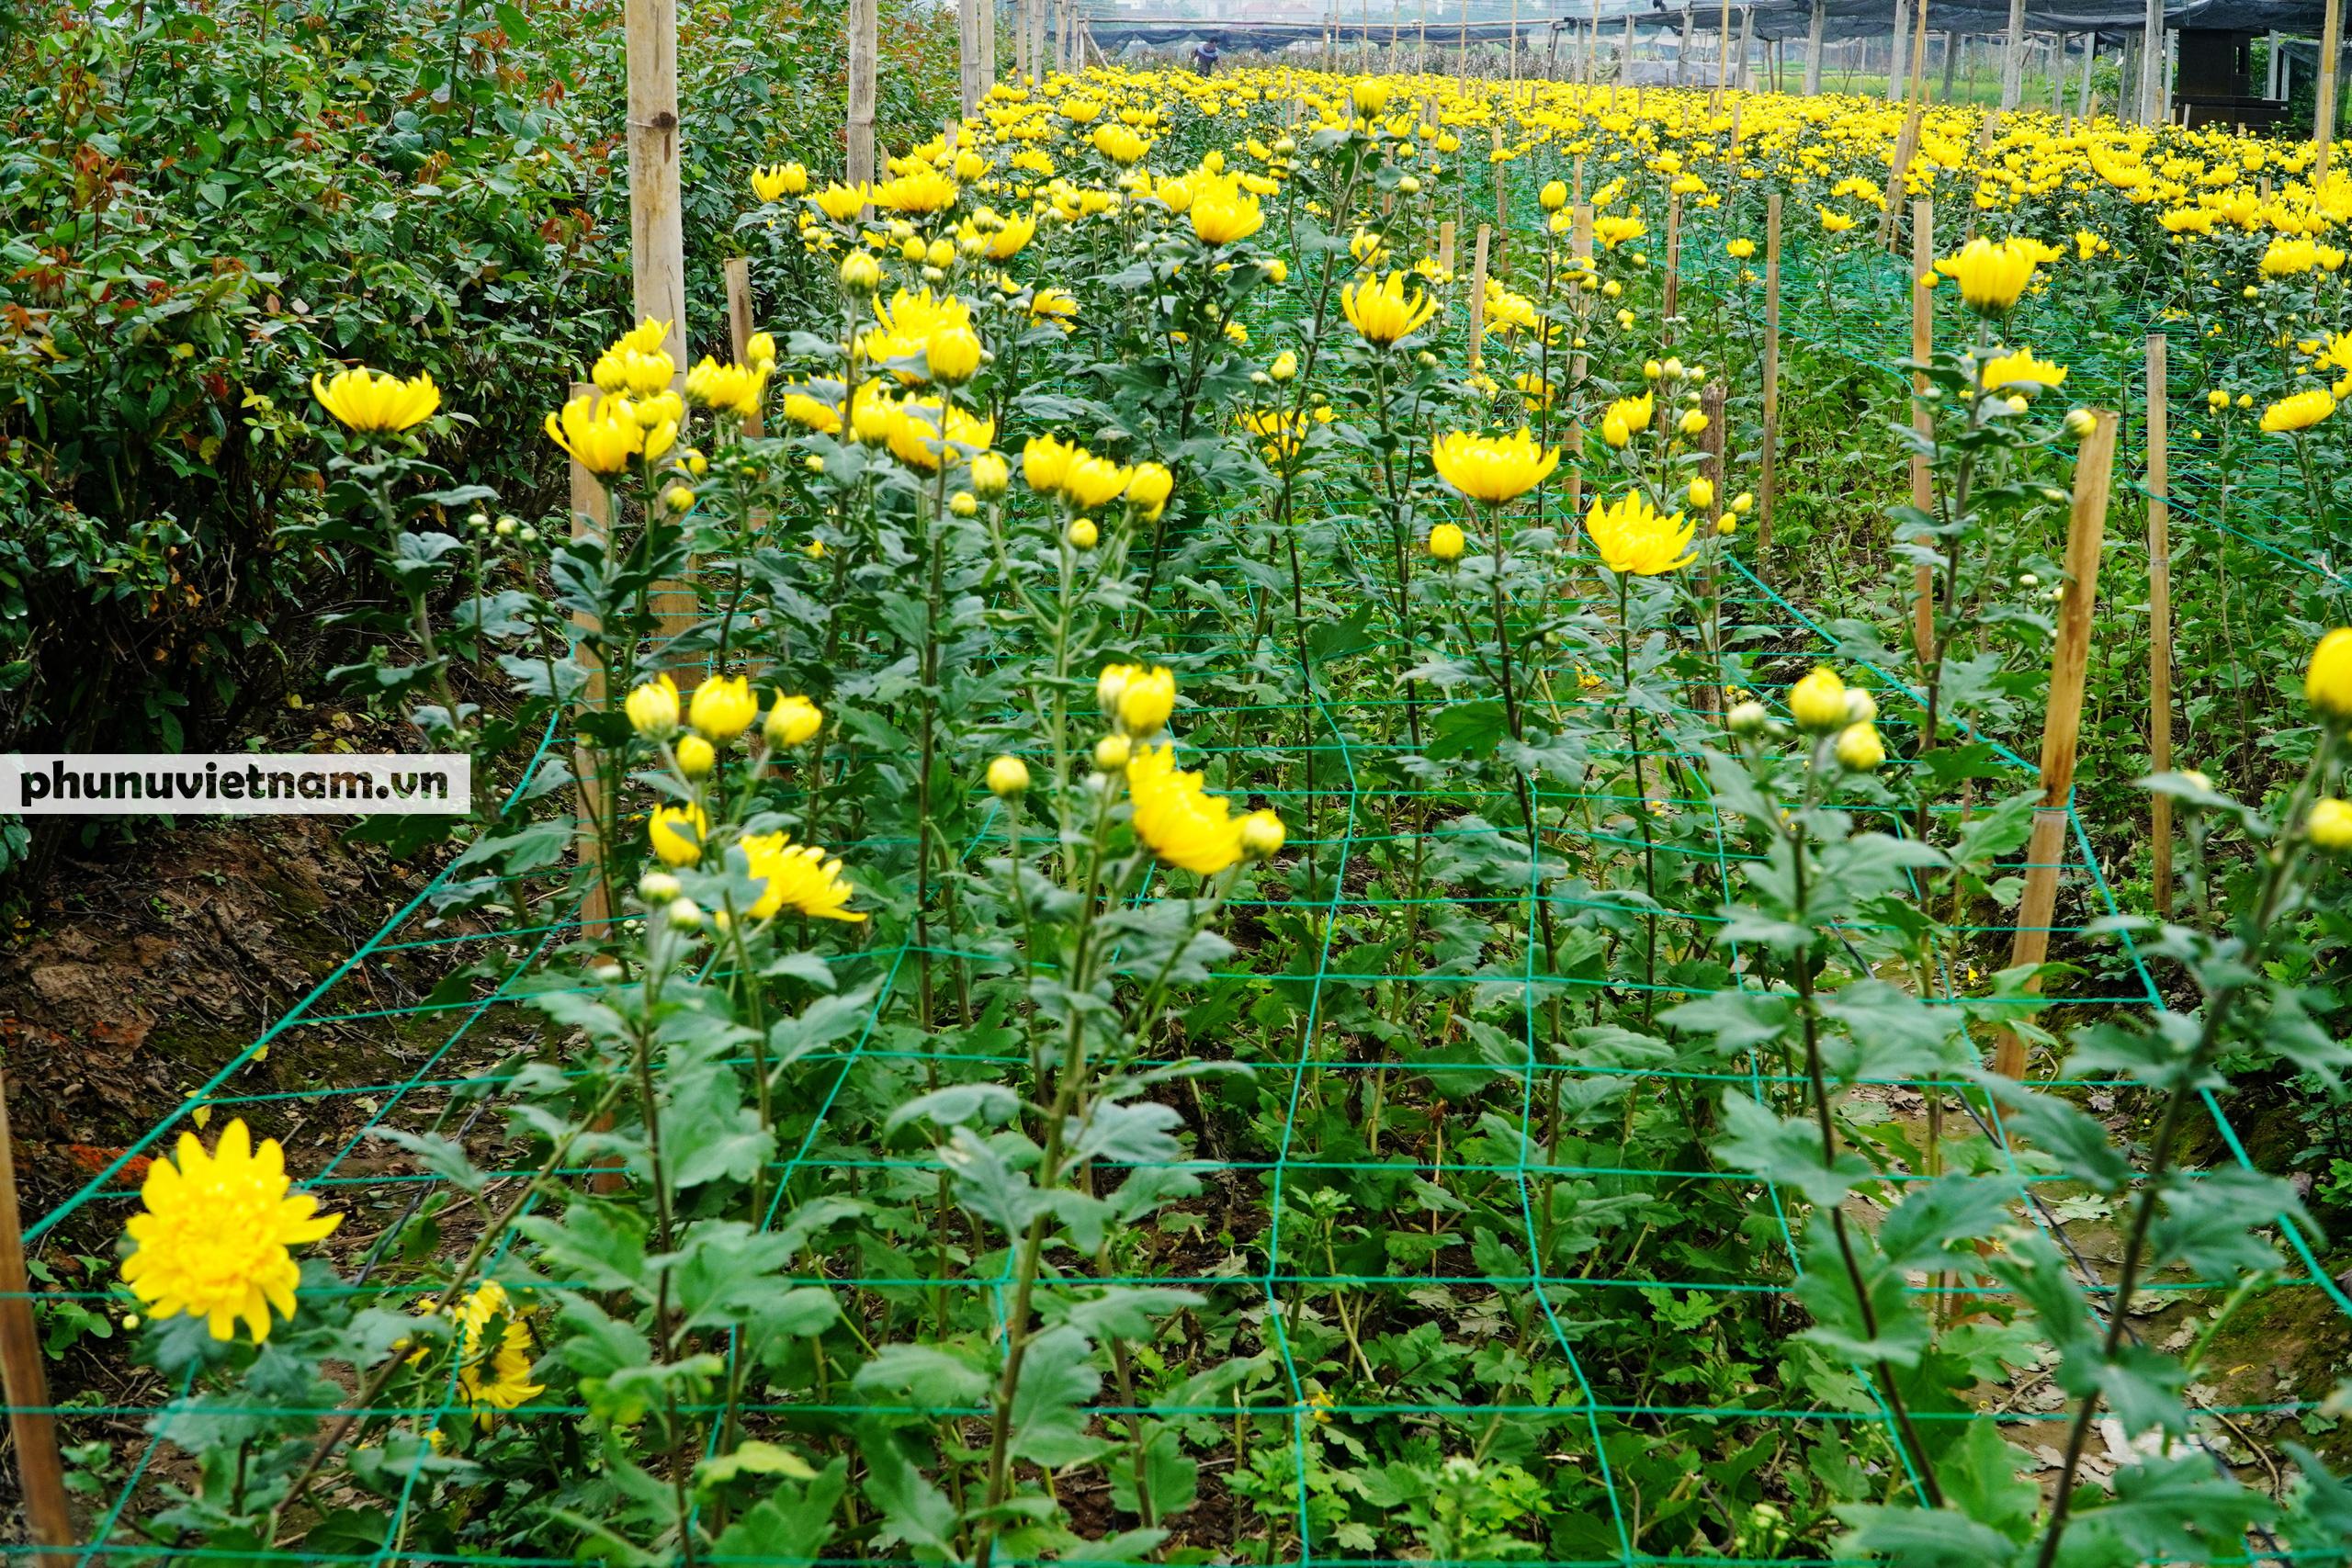 Người trồng hoa Tây Tựu dựng chòi trông hoa, ngủ qua đêm giữa trời rét buốt - Ảnh 3.